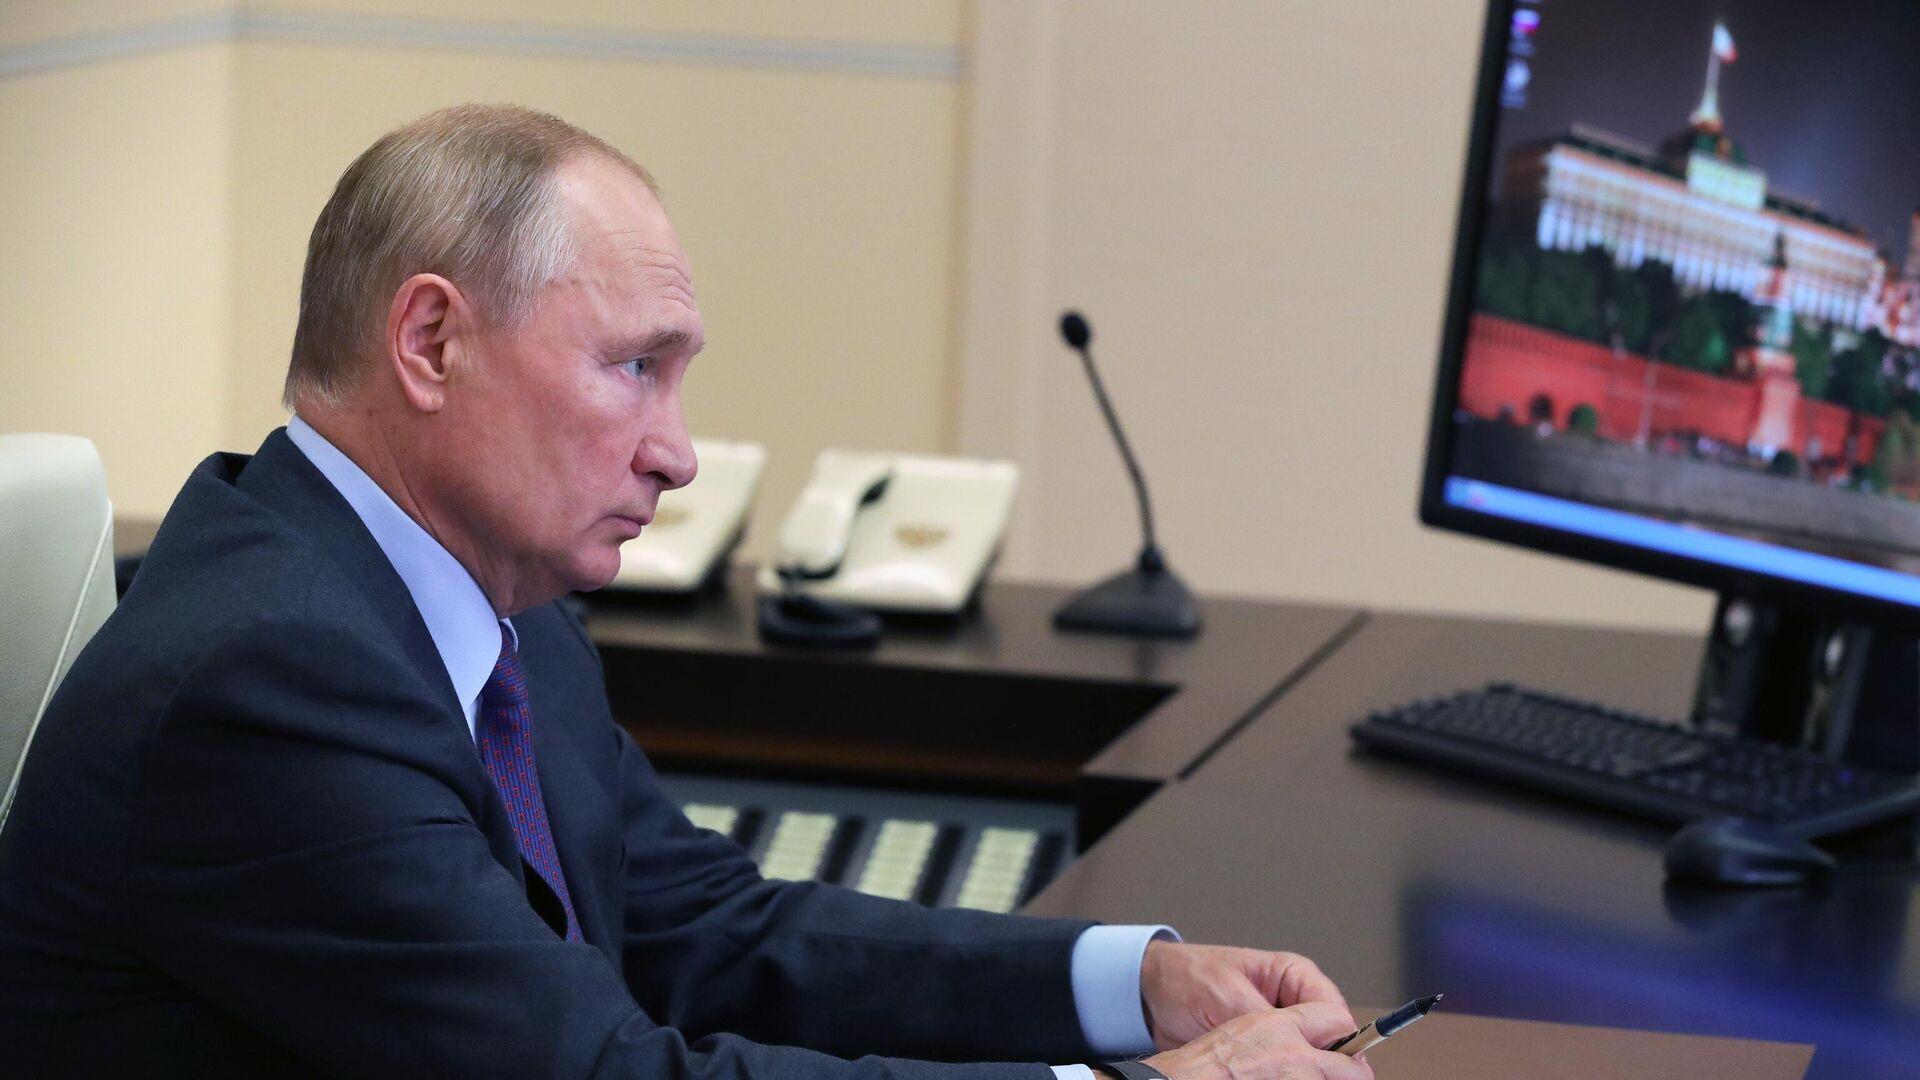 LIVE: Путин проводит совещание по экономическим вопросам в режиме видеоконференции - РИА Новости, 1920, 10.09.2020